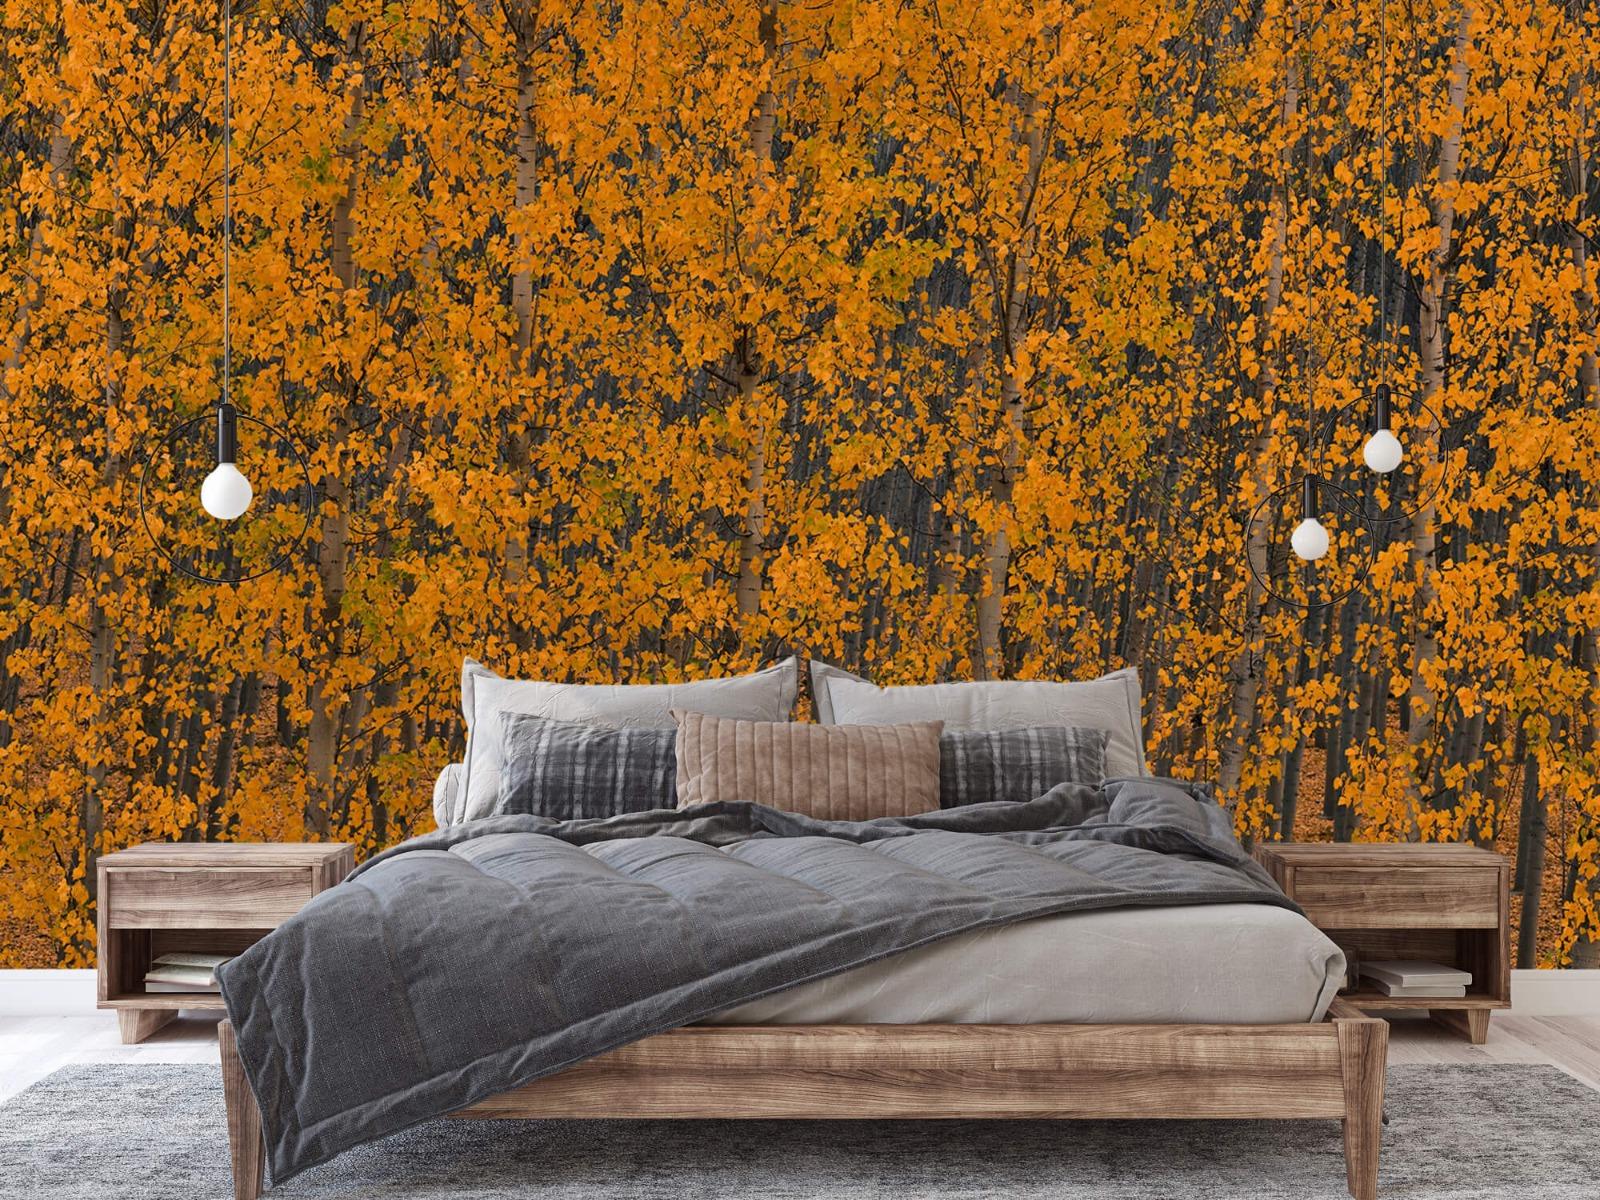 Herfst - Populieren bos - Slaapkamer 1